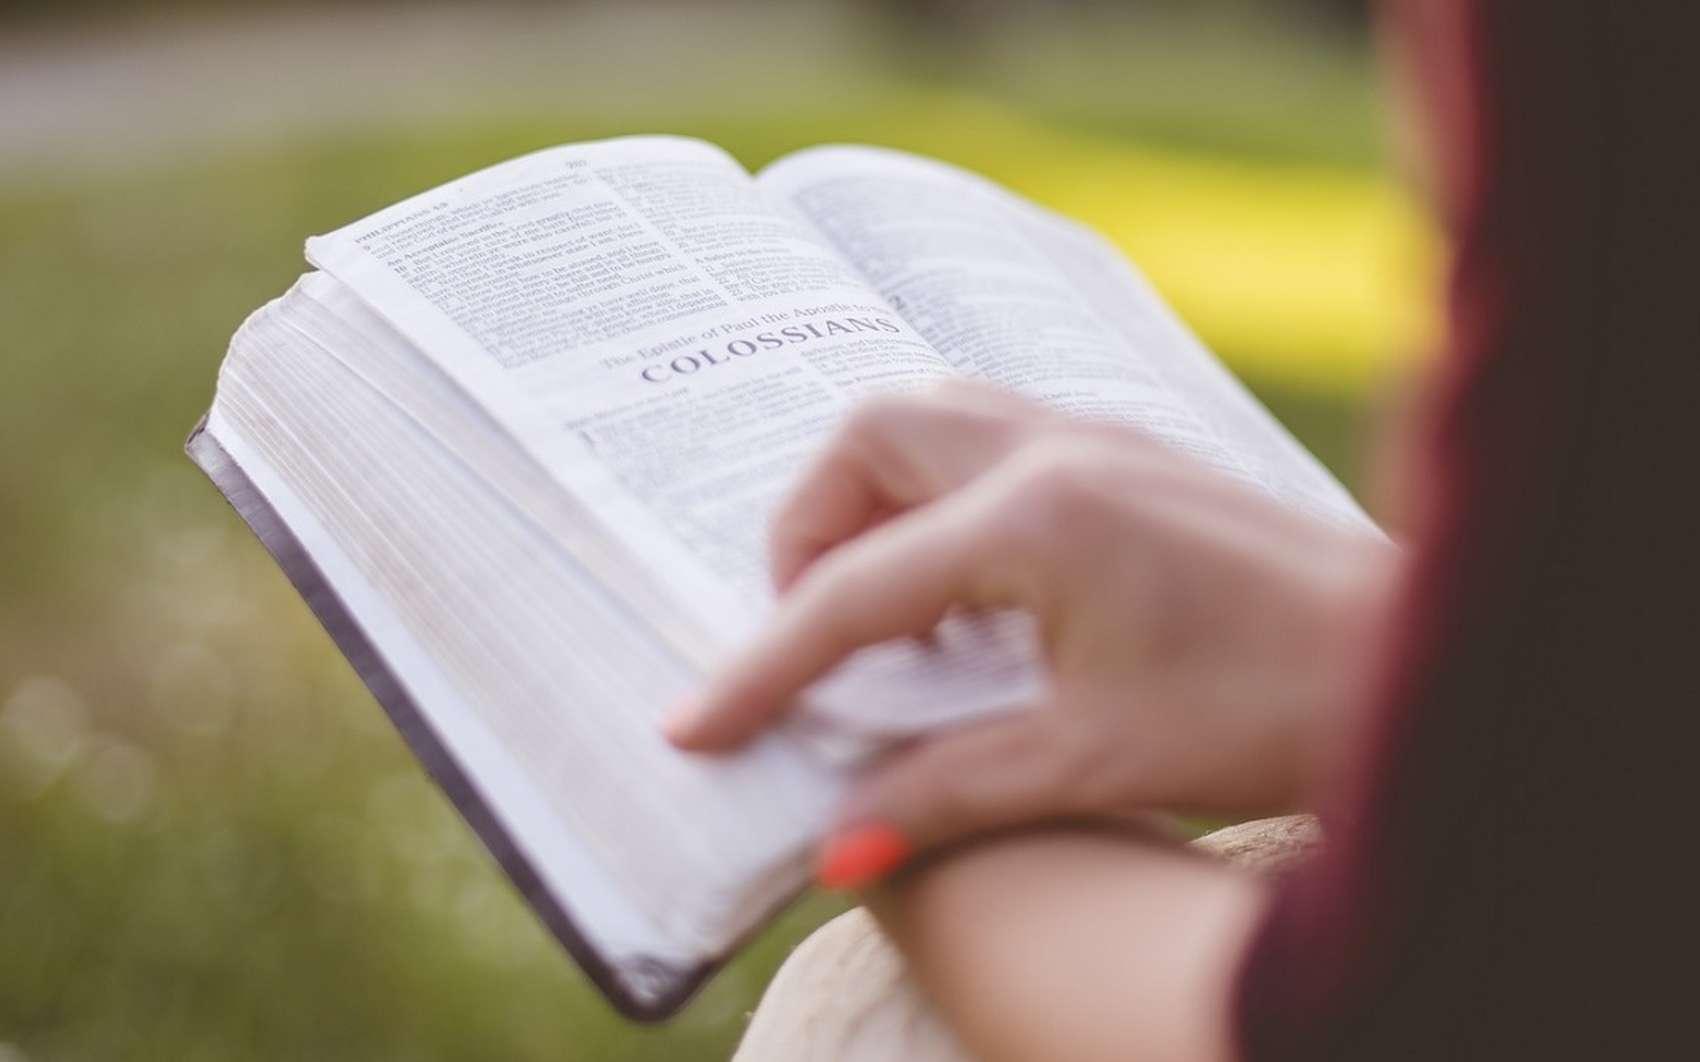 Le mode lecture apporte clarté et confort de lecture. © Pixabay.com